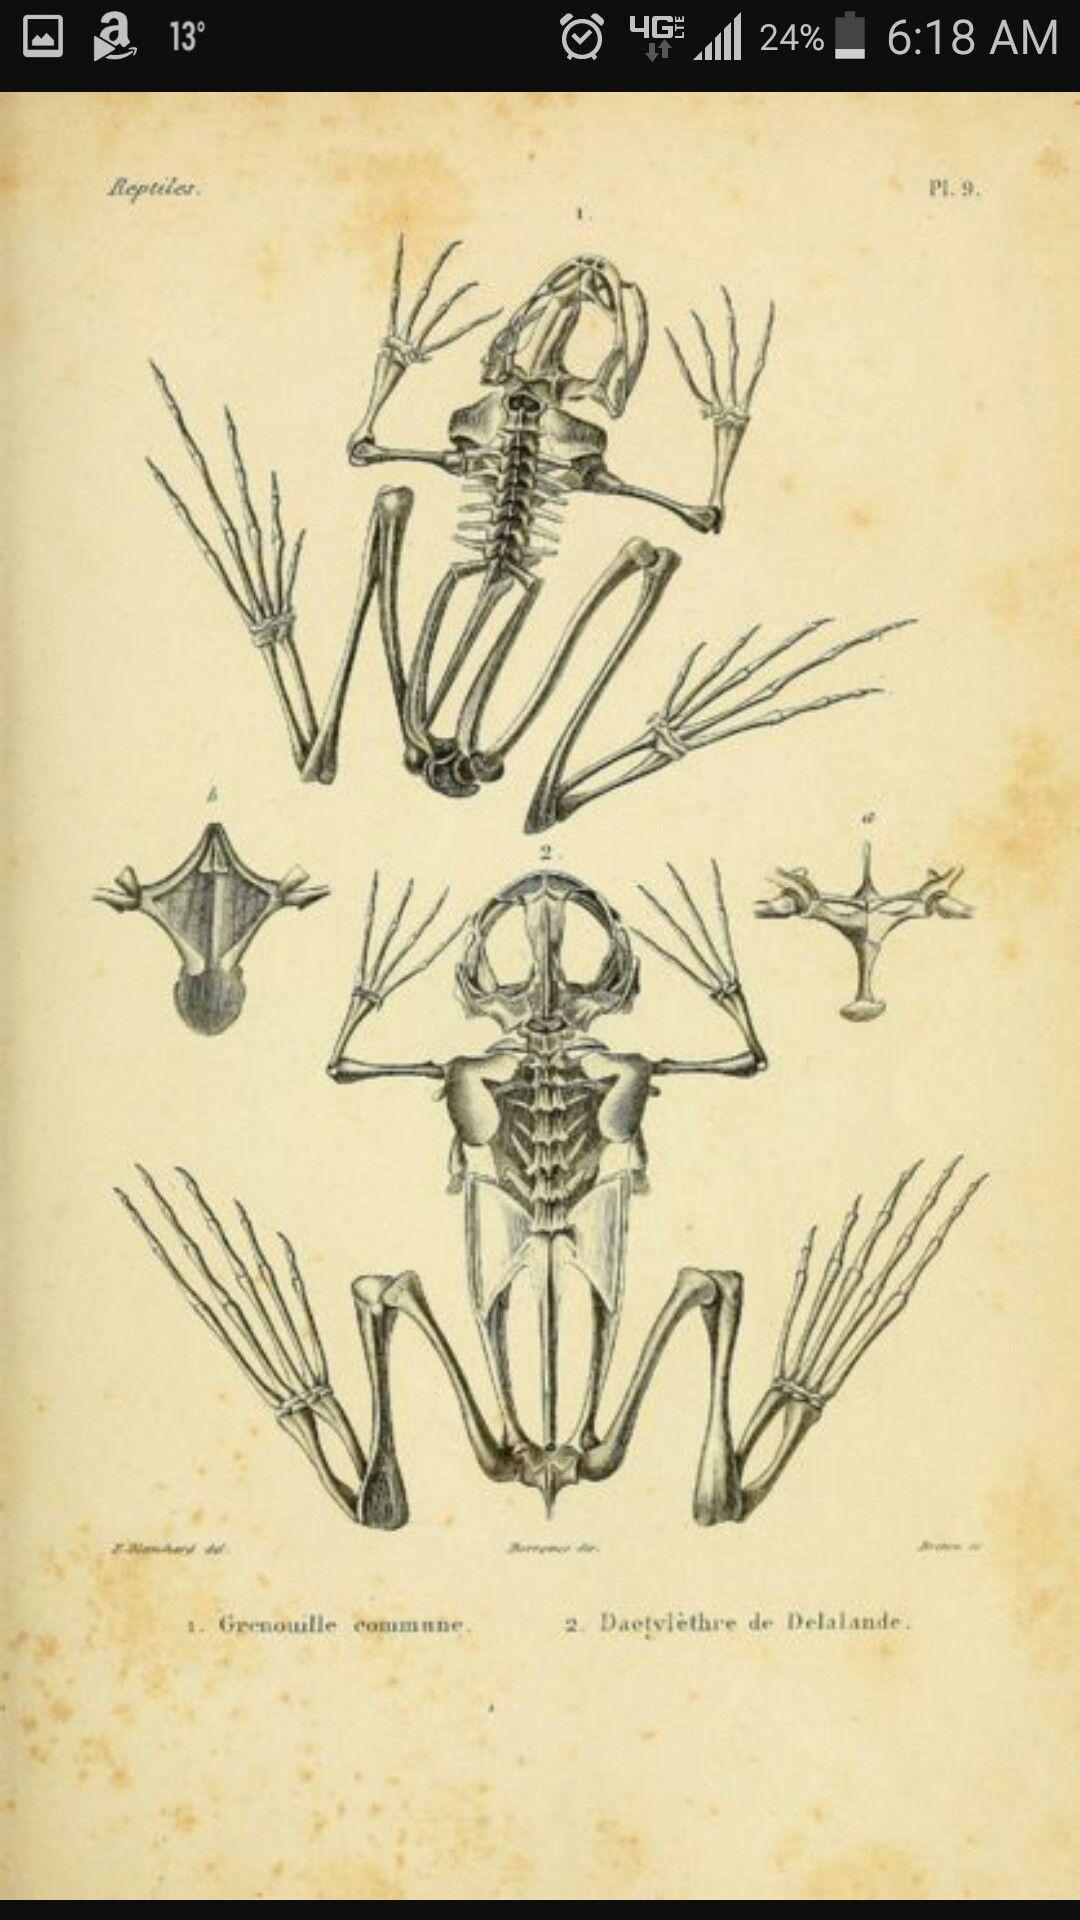 Pin de Steven Hawkins en Mmmboard | Pinterest | Anatomía animal ...